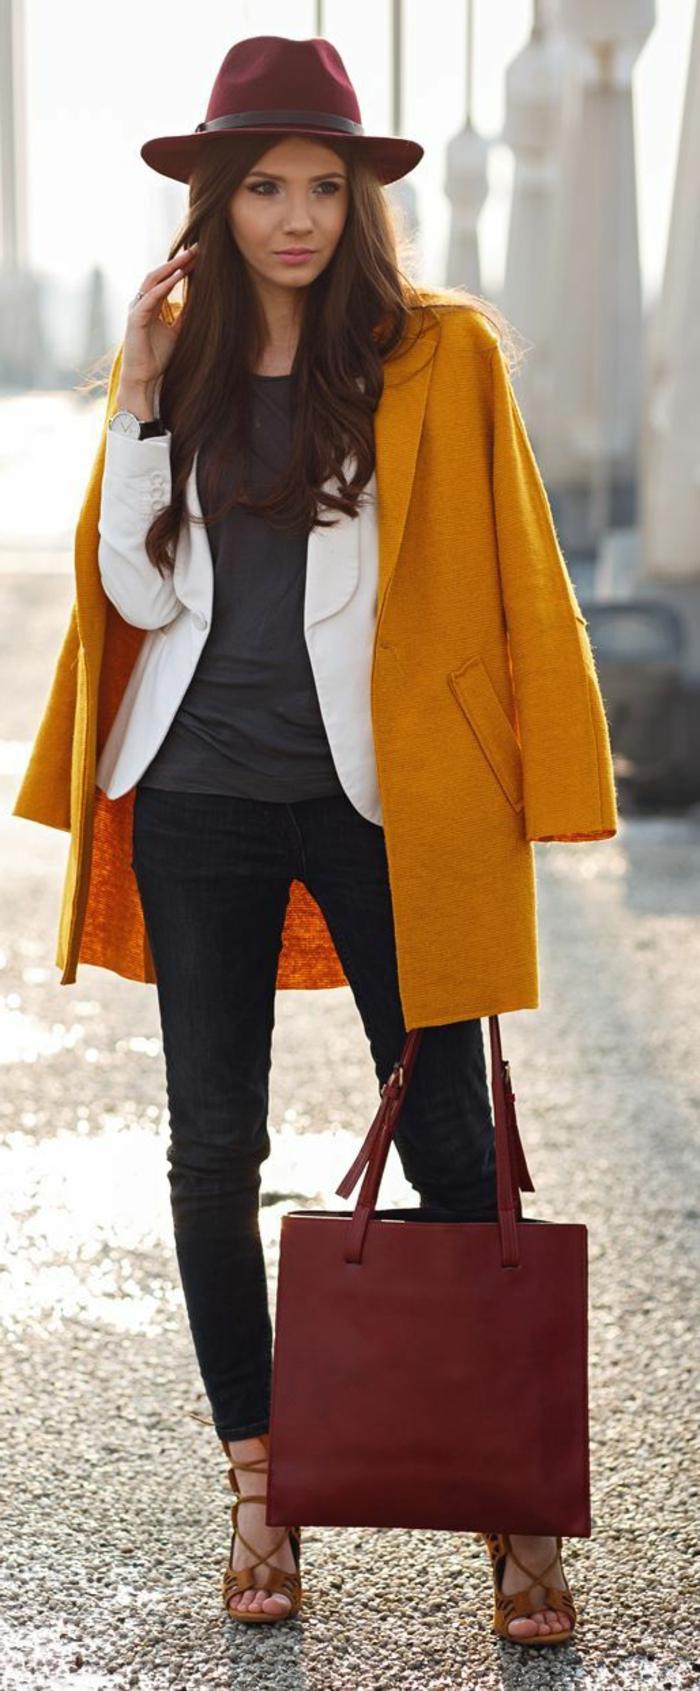 couleur-jaune-moutarde-manteau-élégant-et-jeans-skinny